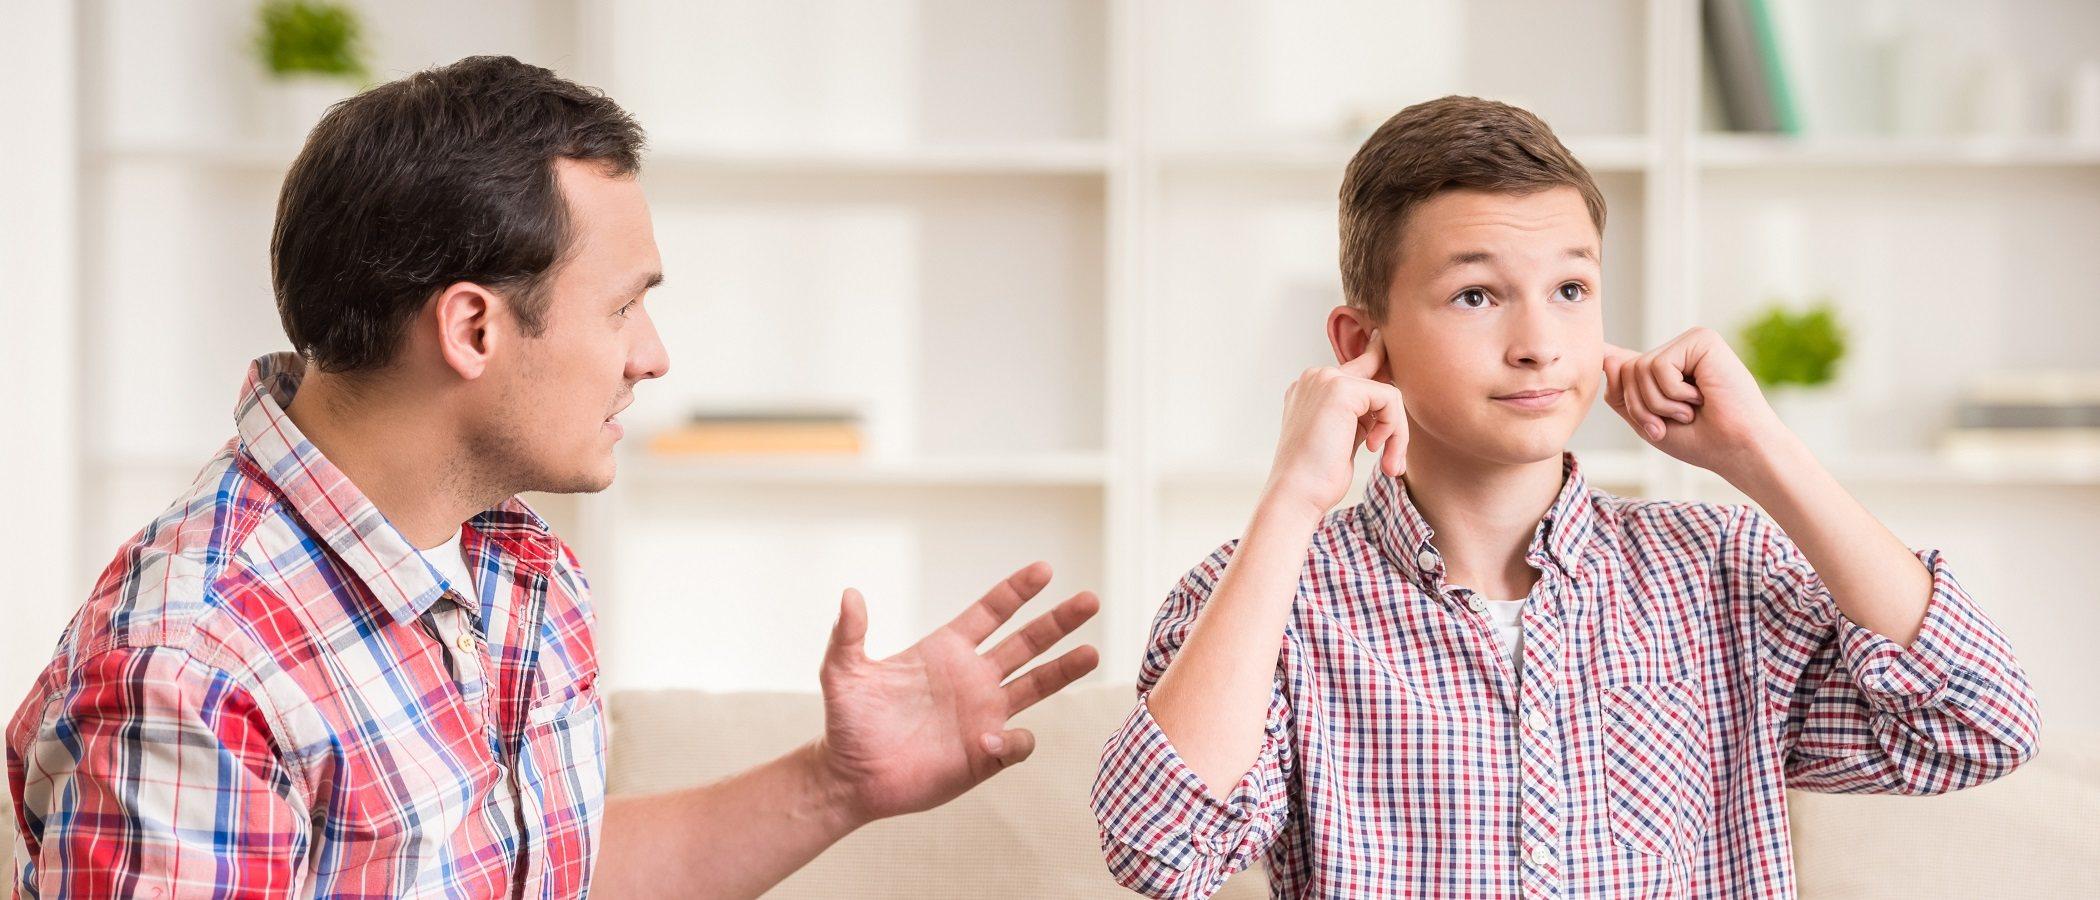 El mal comportamiento repetido es a menudo un mensaje que debes escuchar